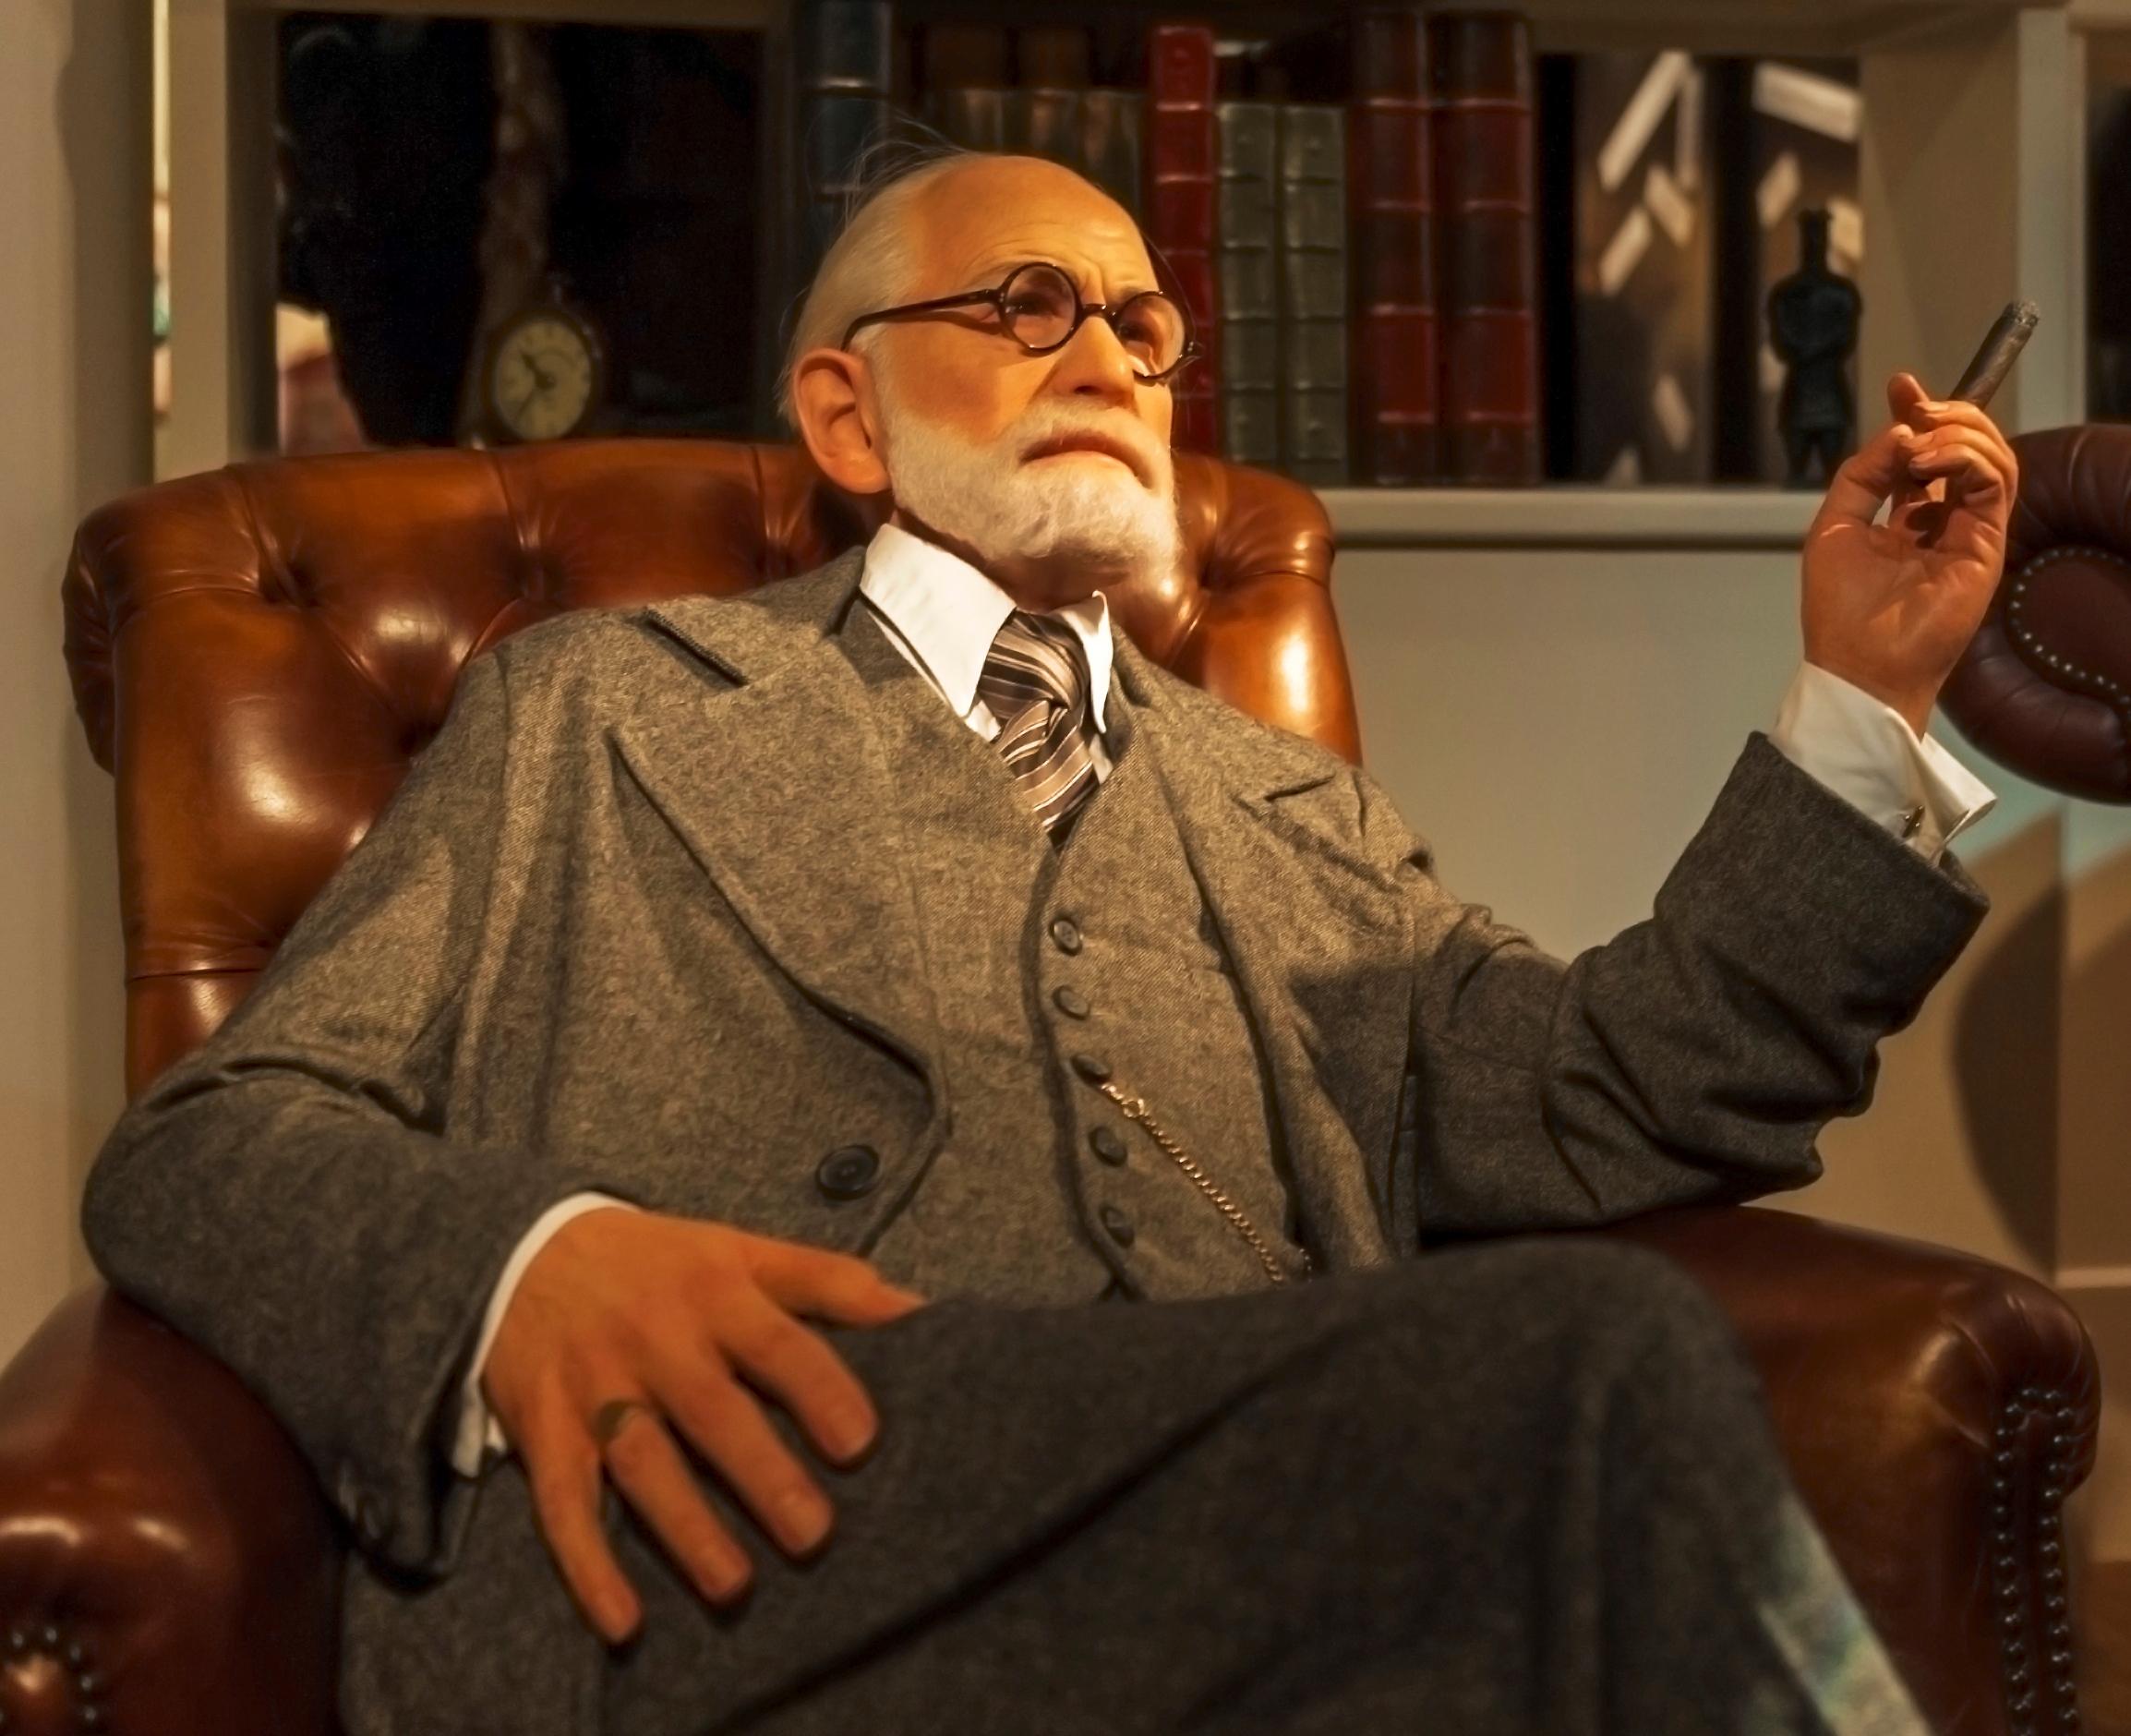 Uma das teorias mais importantes de Sigmund Freud é a relação dos desejos e das condutas reprimidas com o comportamento sexual, que se origina antes da Primeira Infância, afetando a conduta posterior